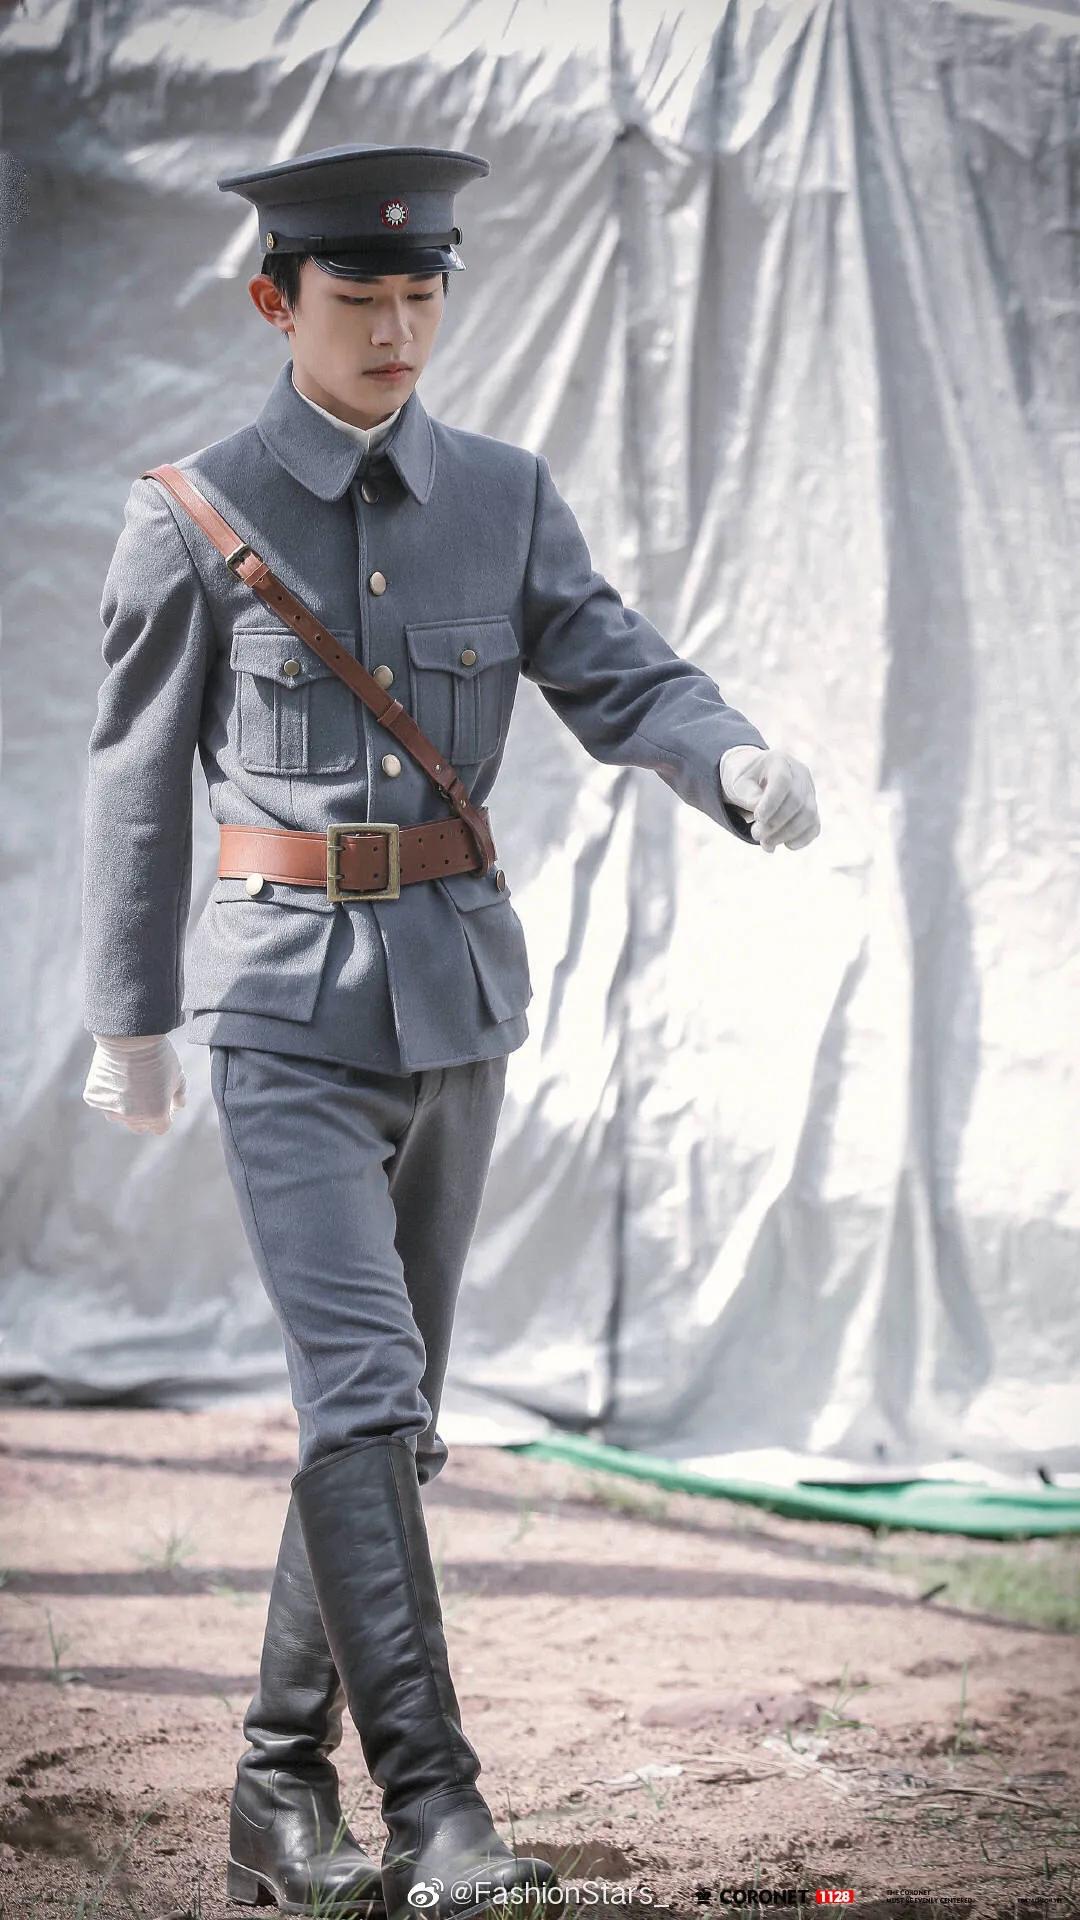 【热血同行】中易烊千玺的军装造型有种反差萌的感觉!超酷耶